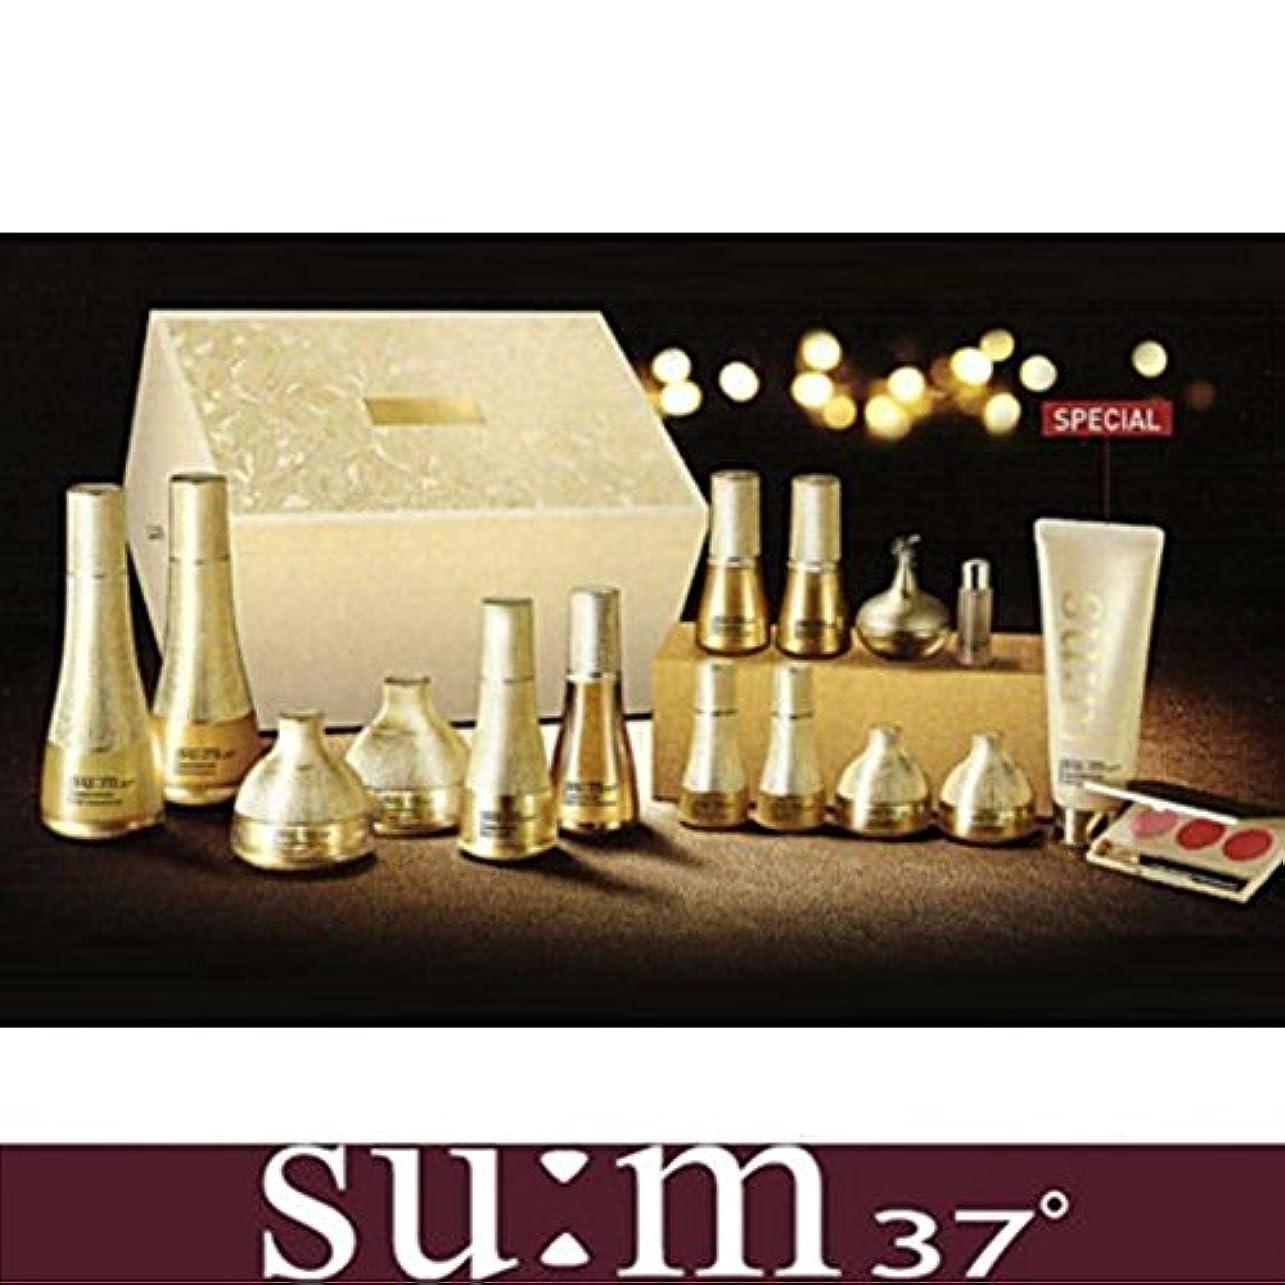 容赦ない配分カカドゥ[su:m37/スム37°]LosecSumma Premium Special Limited Skincare Set/プレミアムスペシャルリミテッドスキンケアセット + [Sample Gift](海外直送品)